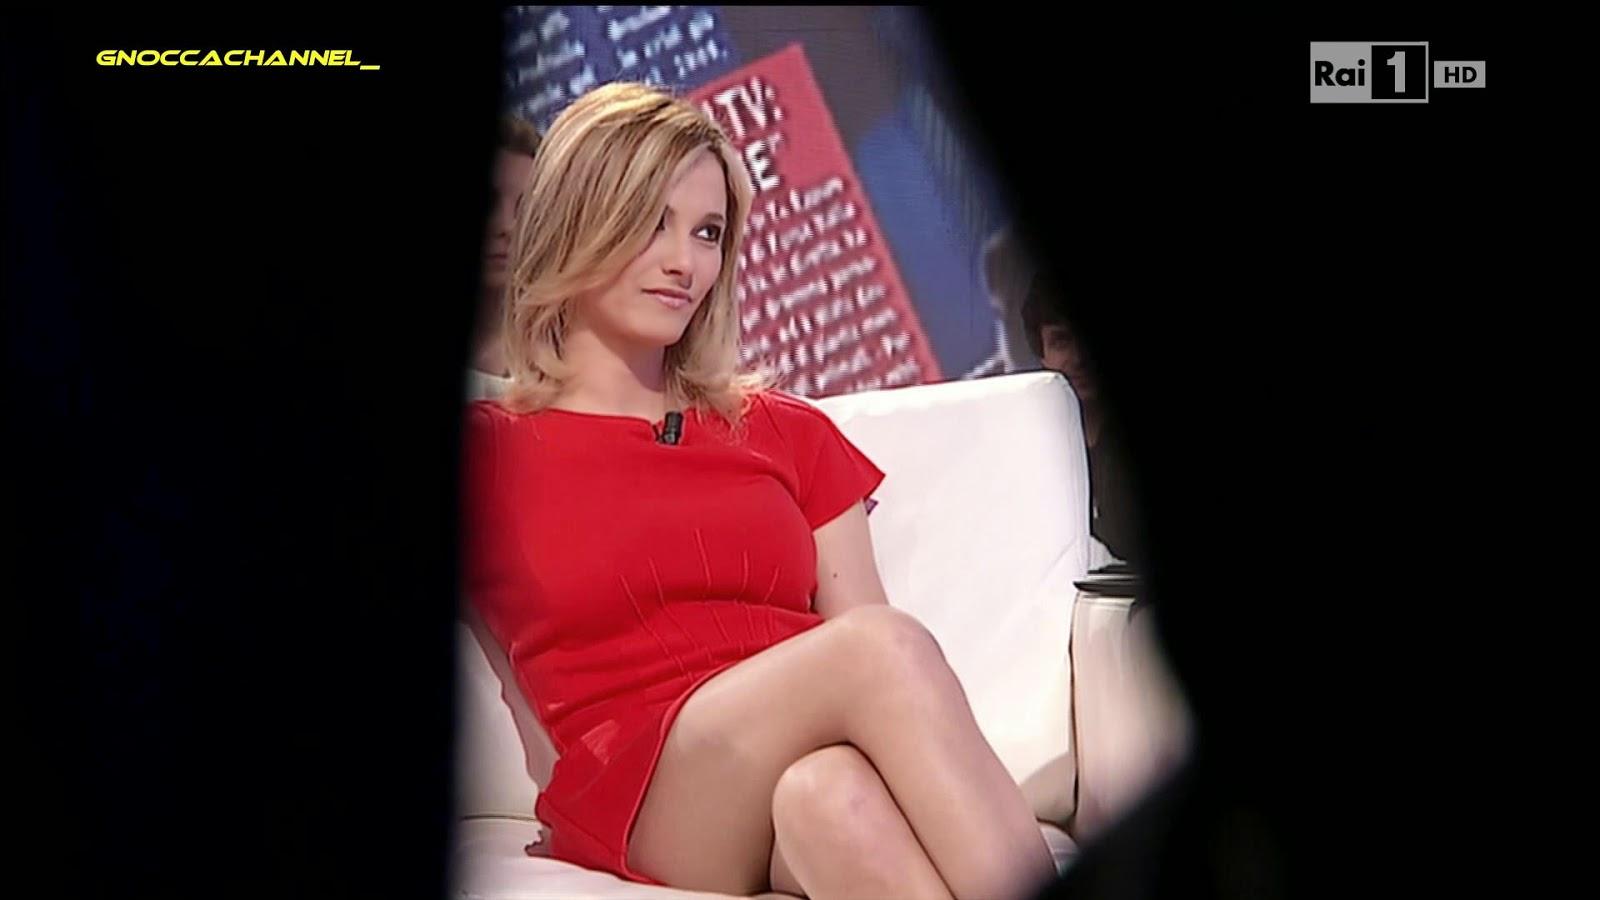 Porno veline belle e porcelline 2010 full italian movie - 5 9